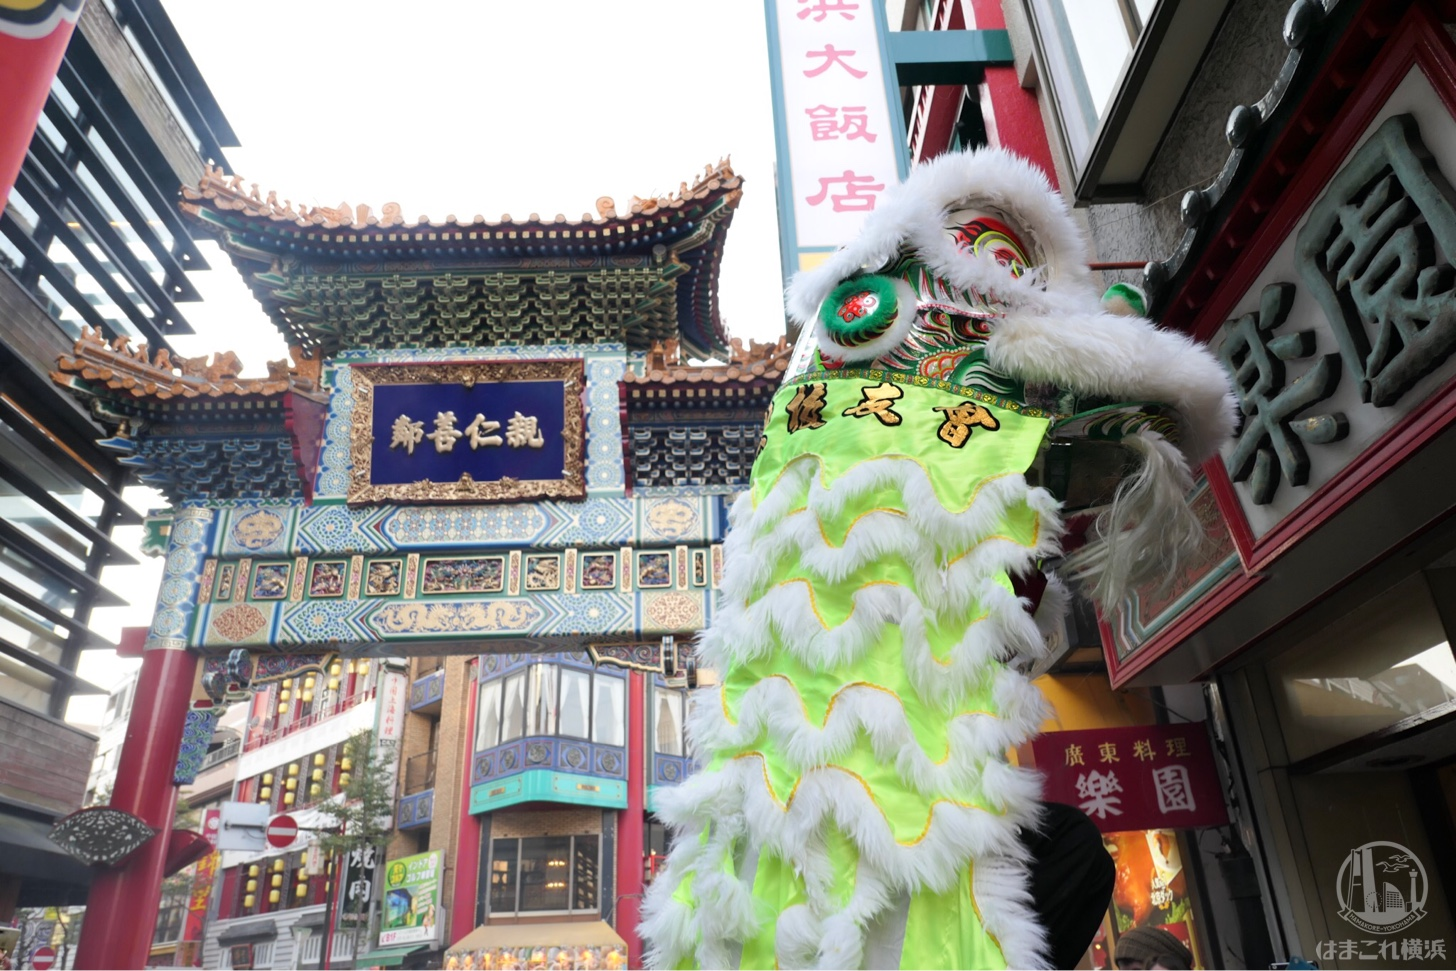 横浜中華街「採青(ツァイチン)」で春節独特な雰囲気に包まれる!爆竹や太鼓音鳴り響く